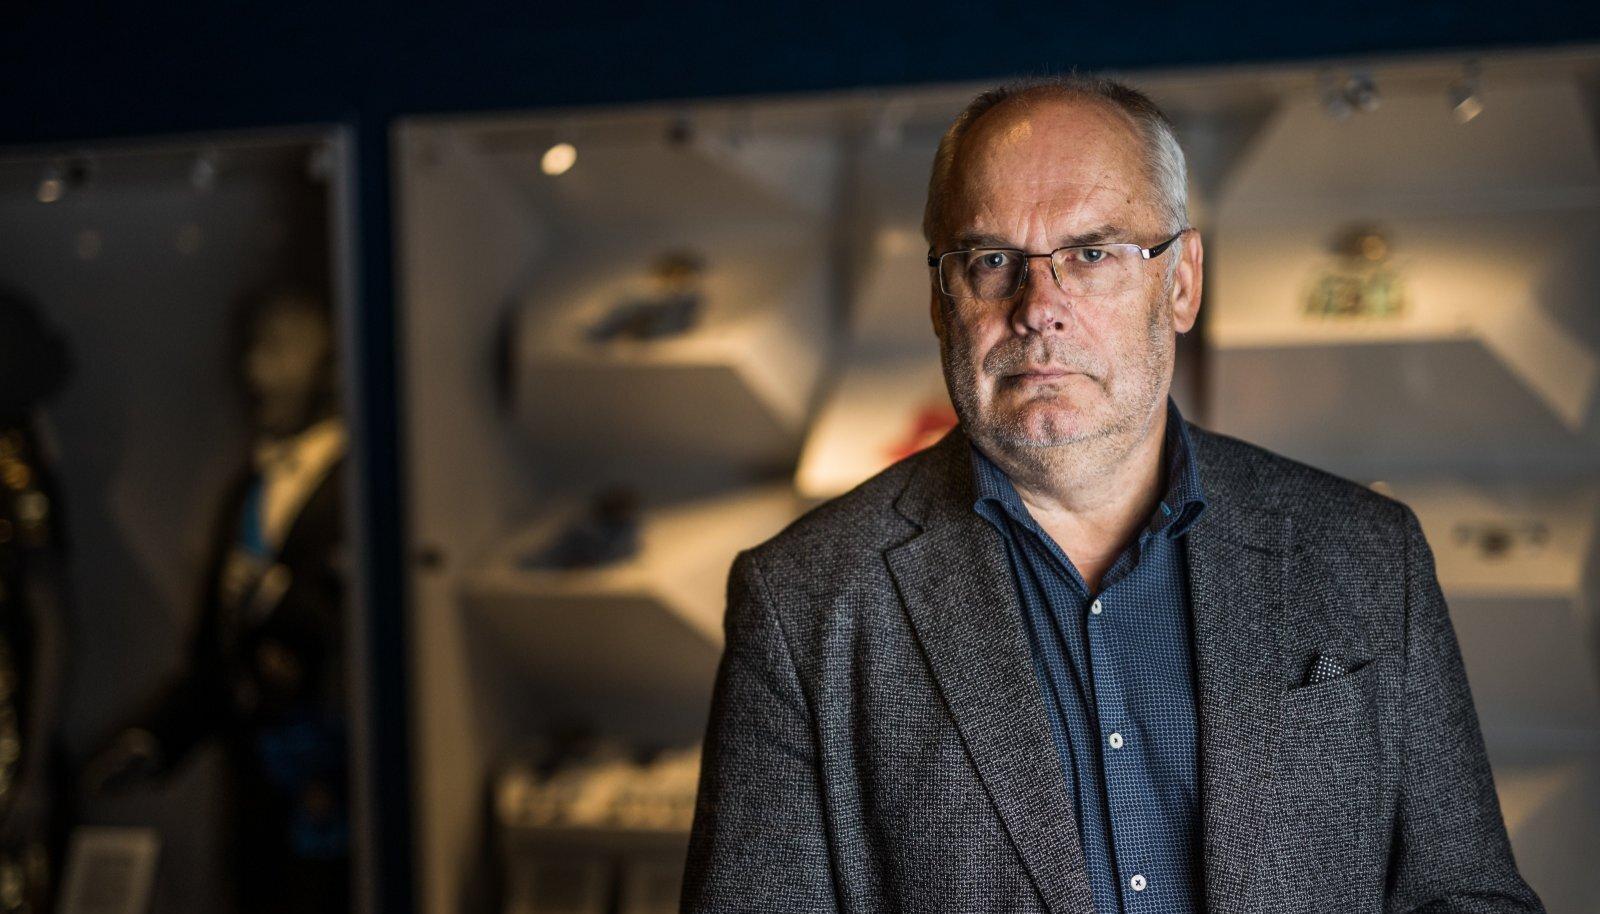 Võimalik presidendikandidaat Alar Karis oma praeguses töökohas Eesti Rahva Muuseumis Tartus.